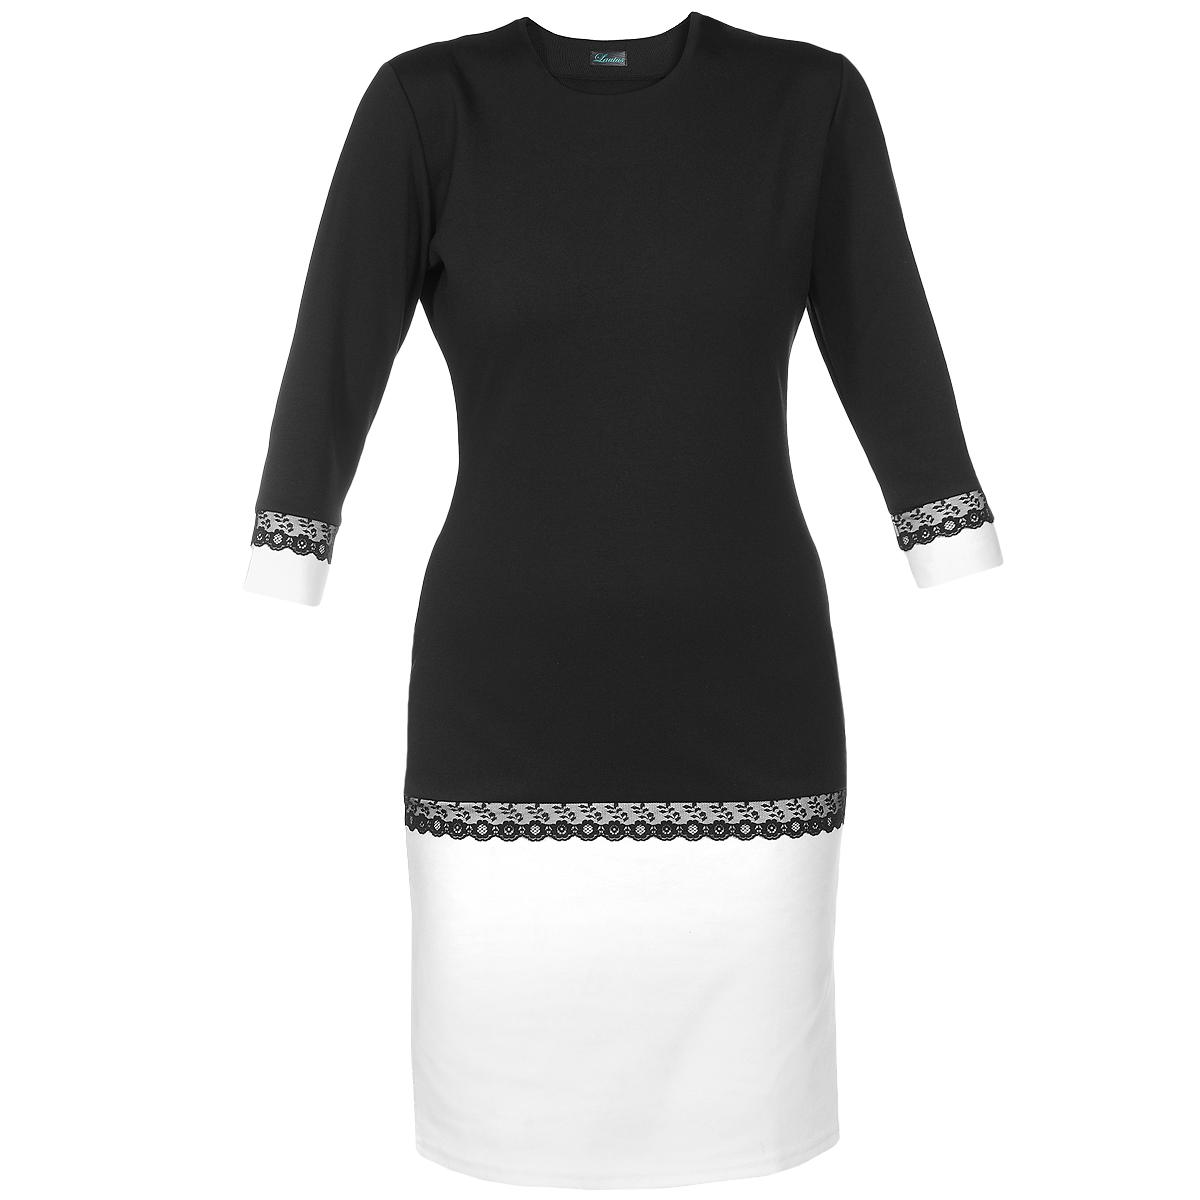 Платье. 536536Очаровательное платье Lautus приталенного силуэта, изготовленное из высококачественного полиэстера, придется по душе любой моднице. Круглый вырез горловины привлечет внимание к зоне декольте. Втачные рукава 3/4 дополнены контрастными манжетами. Низ платья акцентирован широкой вставкой из контрастной ткани. Рукава и низ платья декорированы кружевной тесьмой, что добавит изюминку в ваш образ. Лаконичный фасон платья обратит внимание на отличное чувство стиля. Платье станет отличным вариантом для работы в офисе, а дополнив модель аксессуарами, вы получите отличный вариант для праздника.